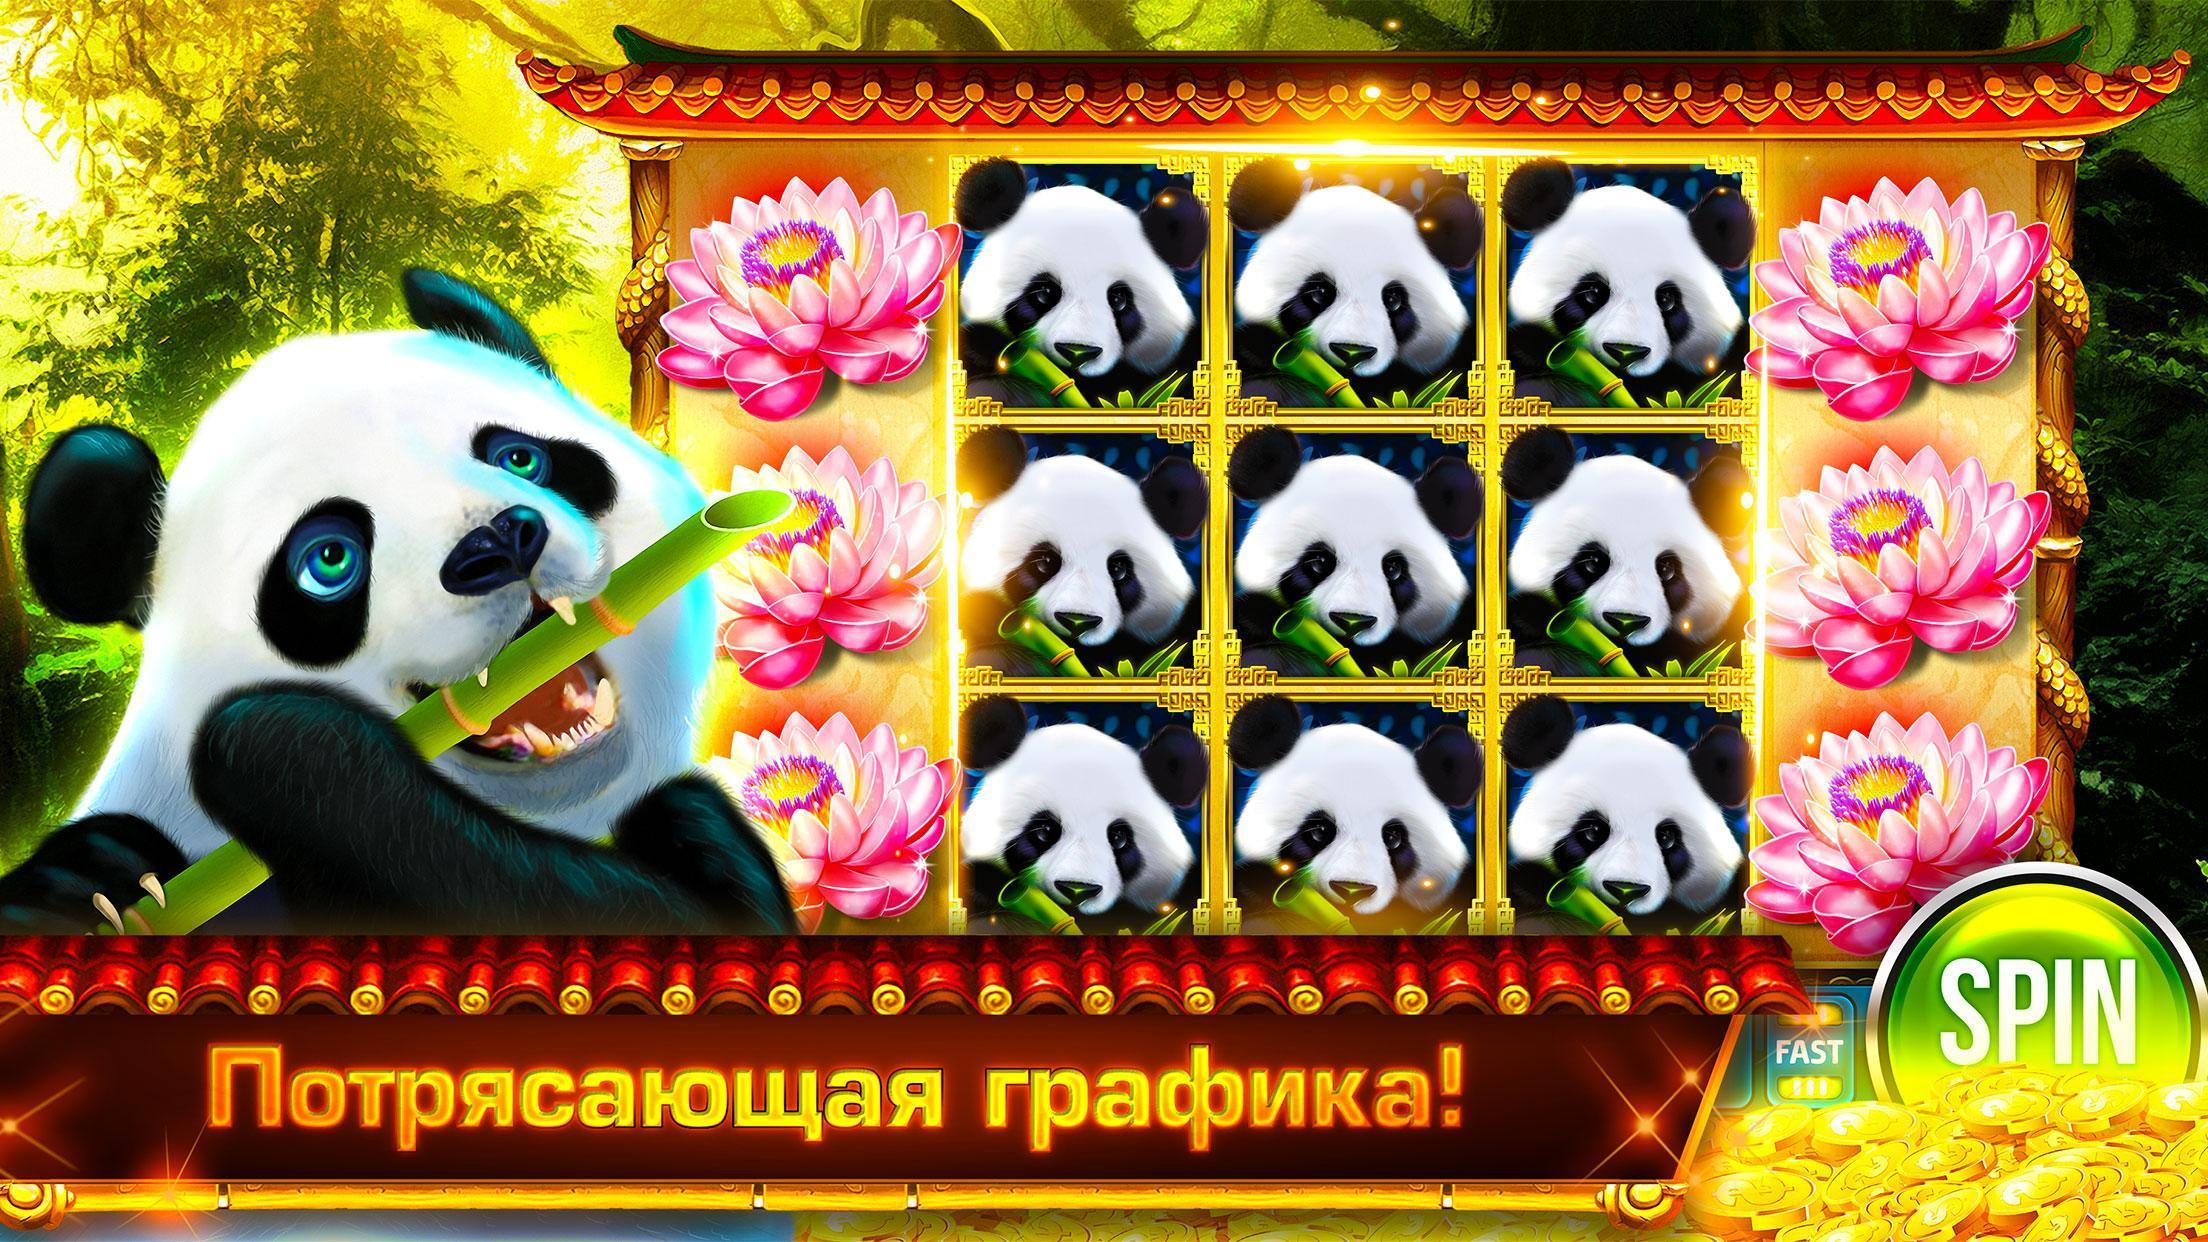 Скачать слоты игровые автоматы бесплатно на андроид akti игровые автоматы crfxfnm